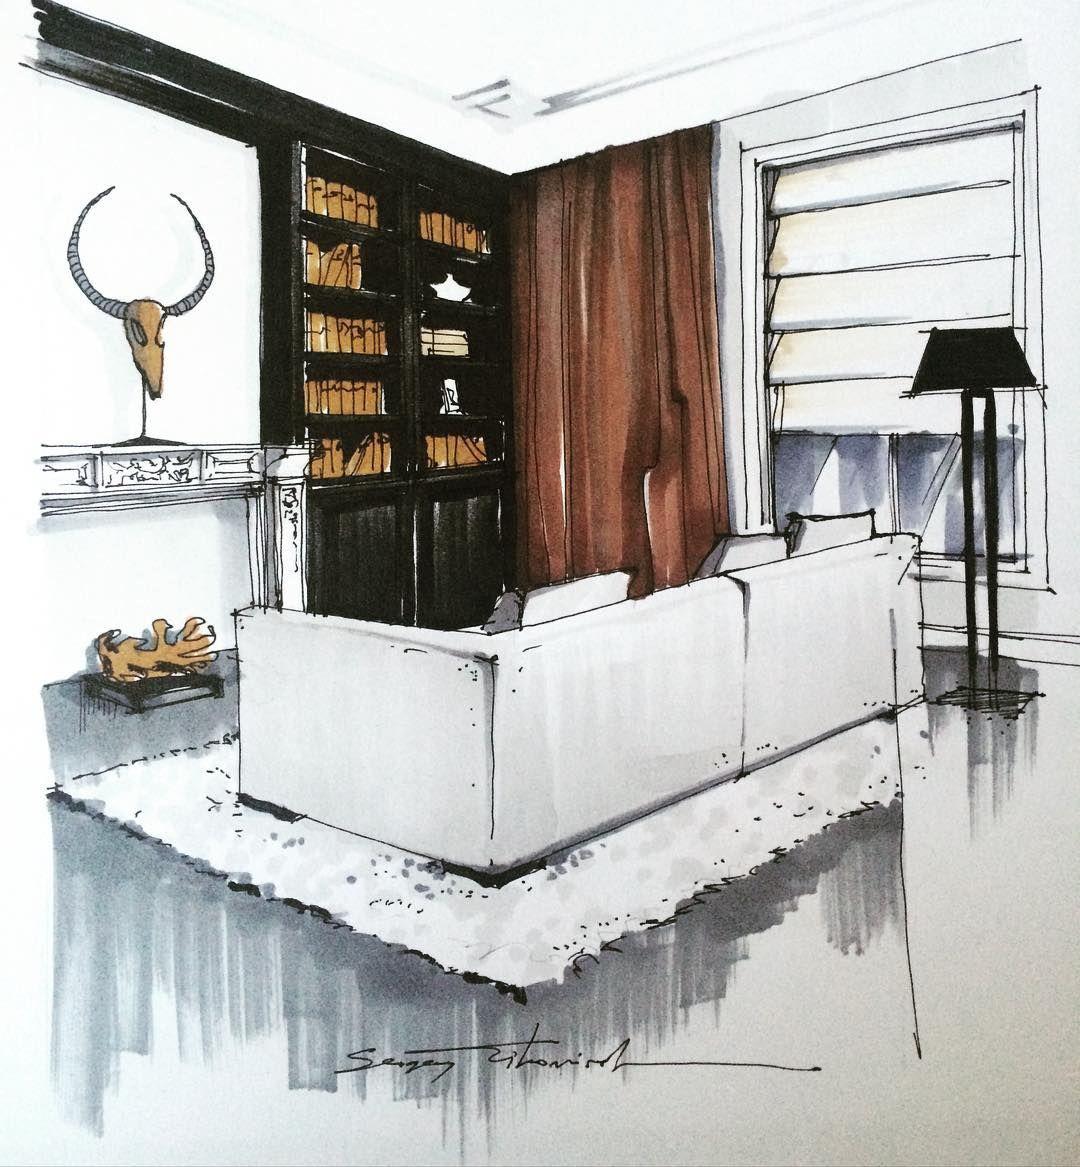 Awesome Interior Design Skizzen, Innenausstattung Simulation, Architektur Skizzen,  Perspektivisches Zeichnen, Lounge, High Fashion, Skizzen, Architektur, ...